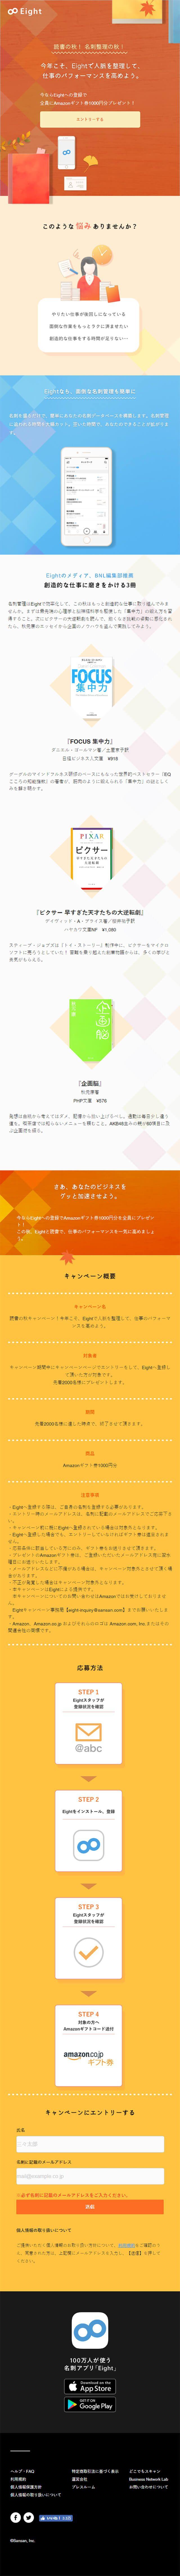 オレンジ(橙色)系を利用してデザインされた「かわいい系」のスマホLPデザイン。ファーストビューのキャッチコピーは「名刺整理の秋! 読書の秋!」